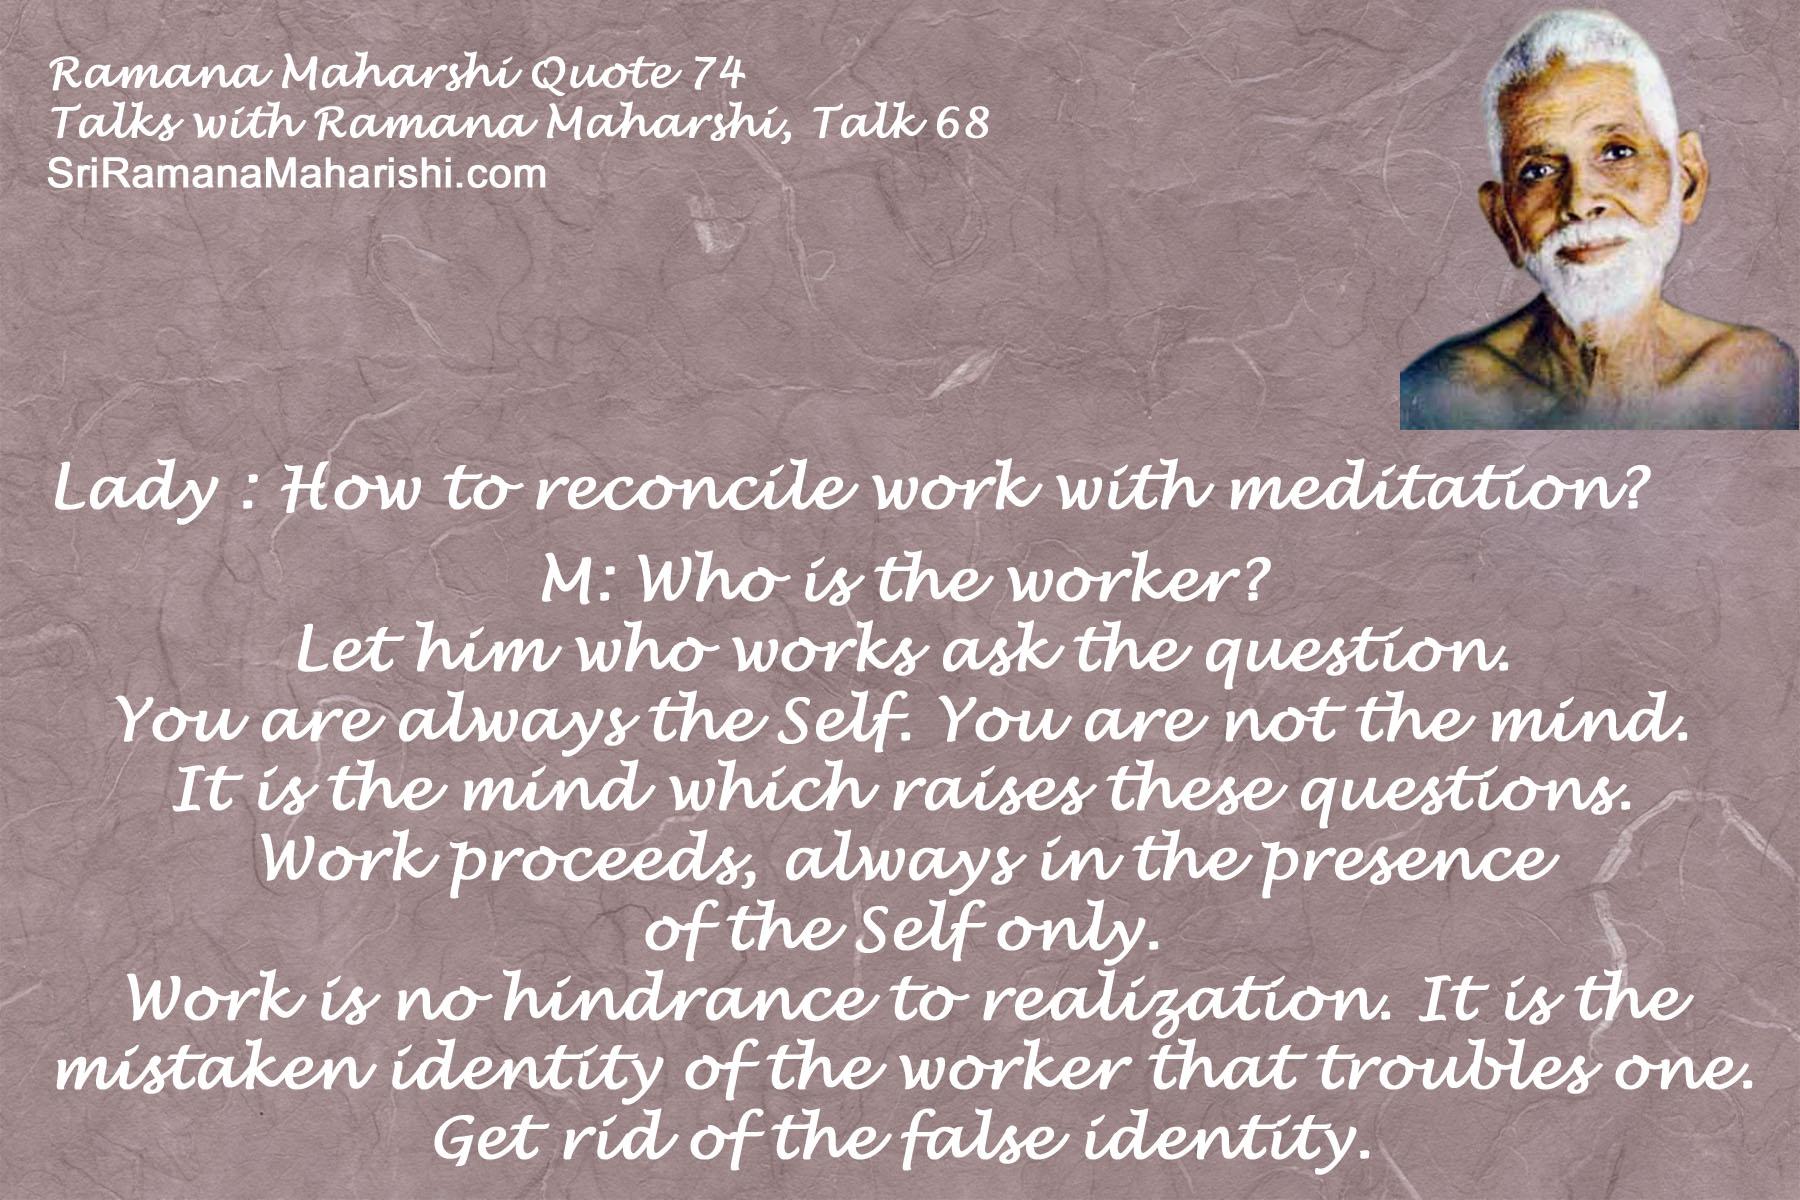 Ramana Maharshi Quote 74